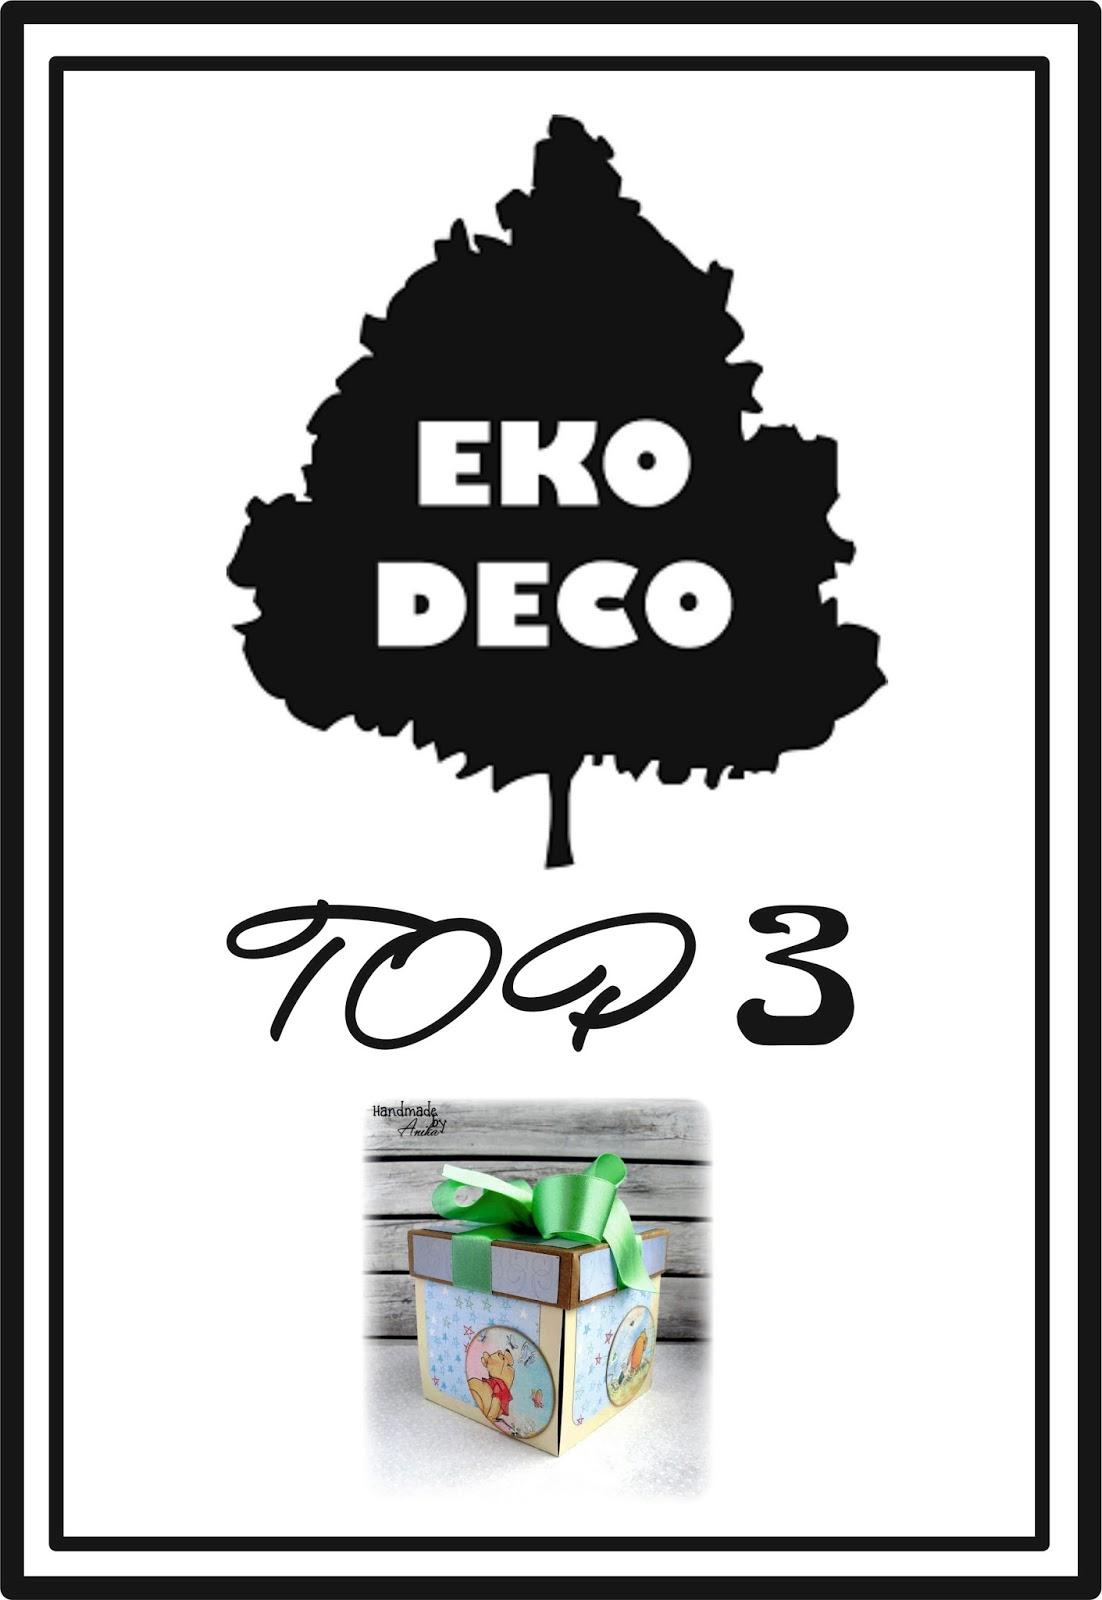 Eko Deco